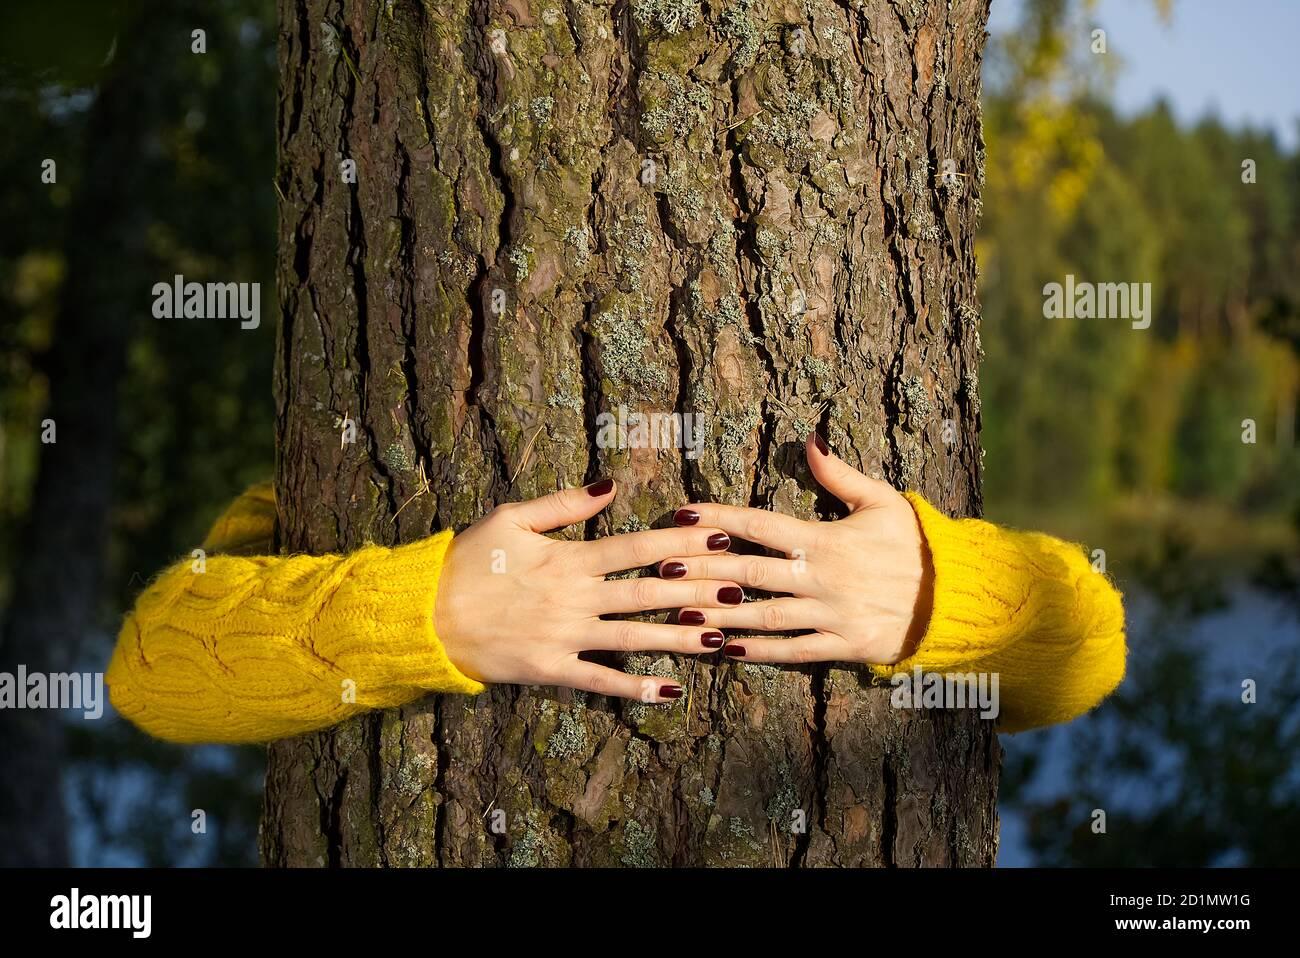 Le mani della donna abbracciano il tronco di pino nella foresta d'autunno Ecologia e ambiente concetto, eco lifestyle - cambiare il mondo, la protezione per la vita e il pianeta Foto Stock